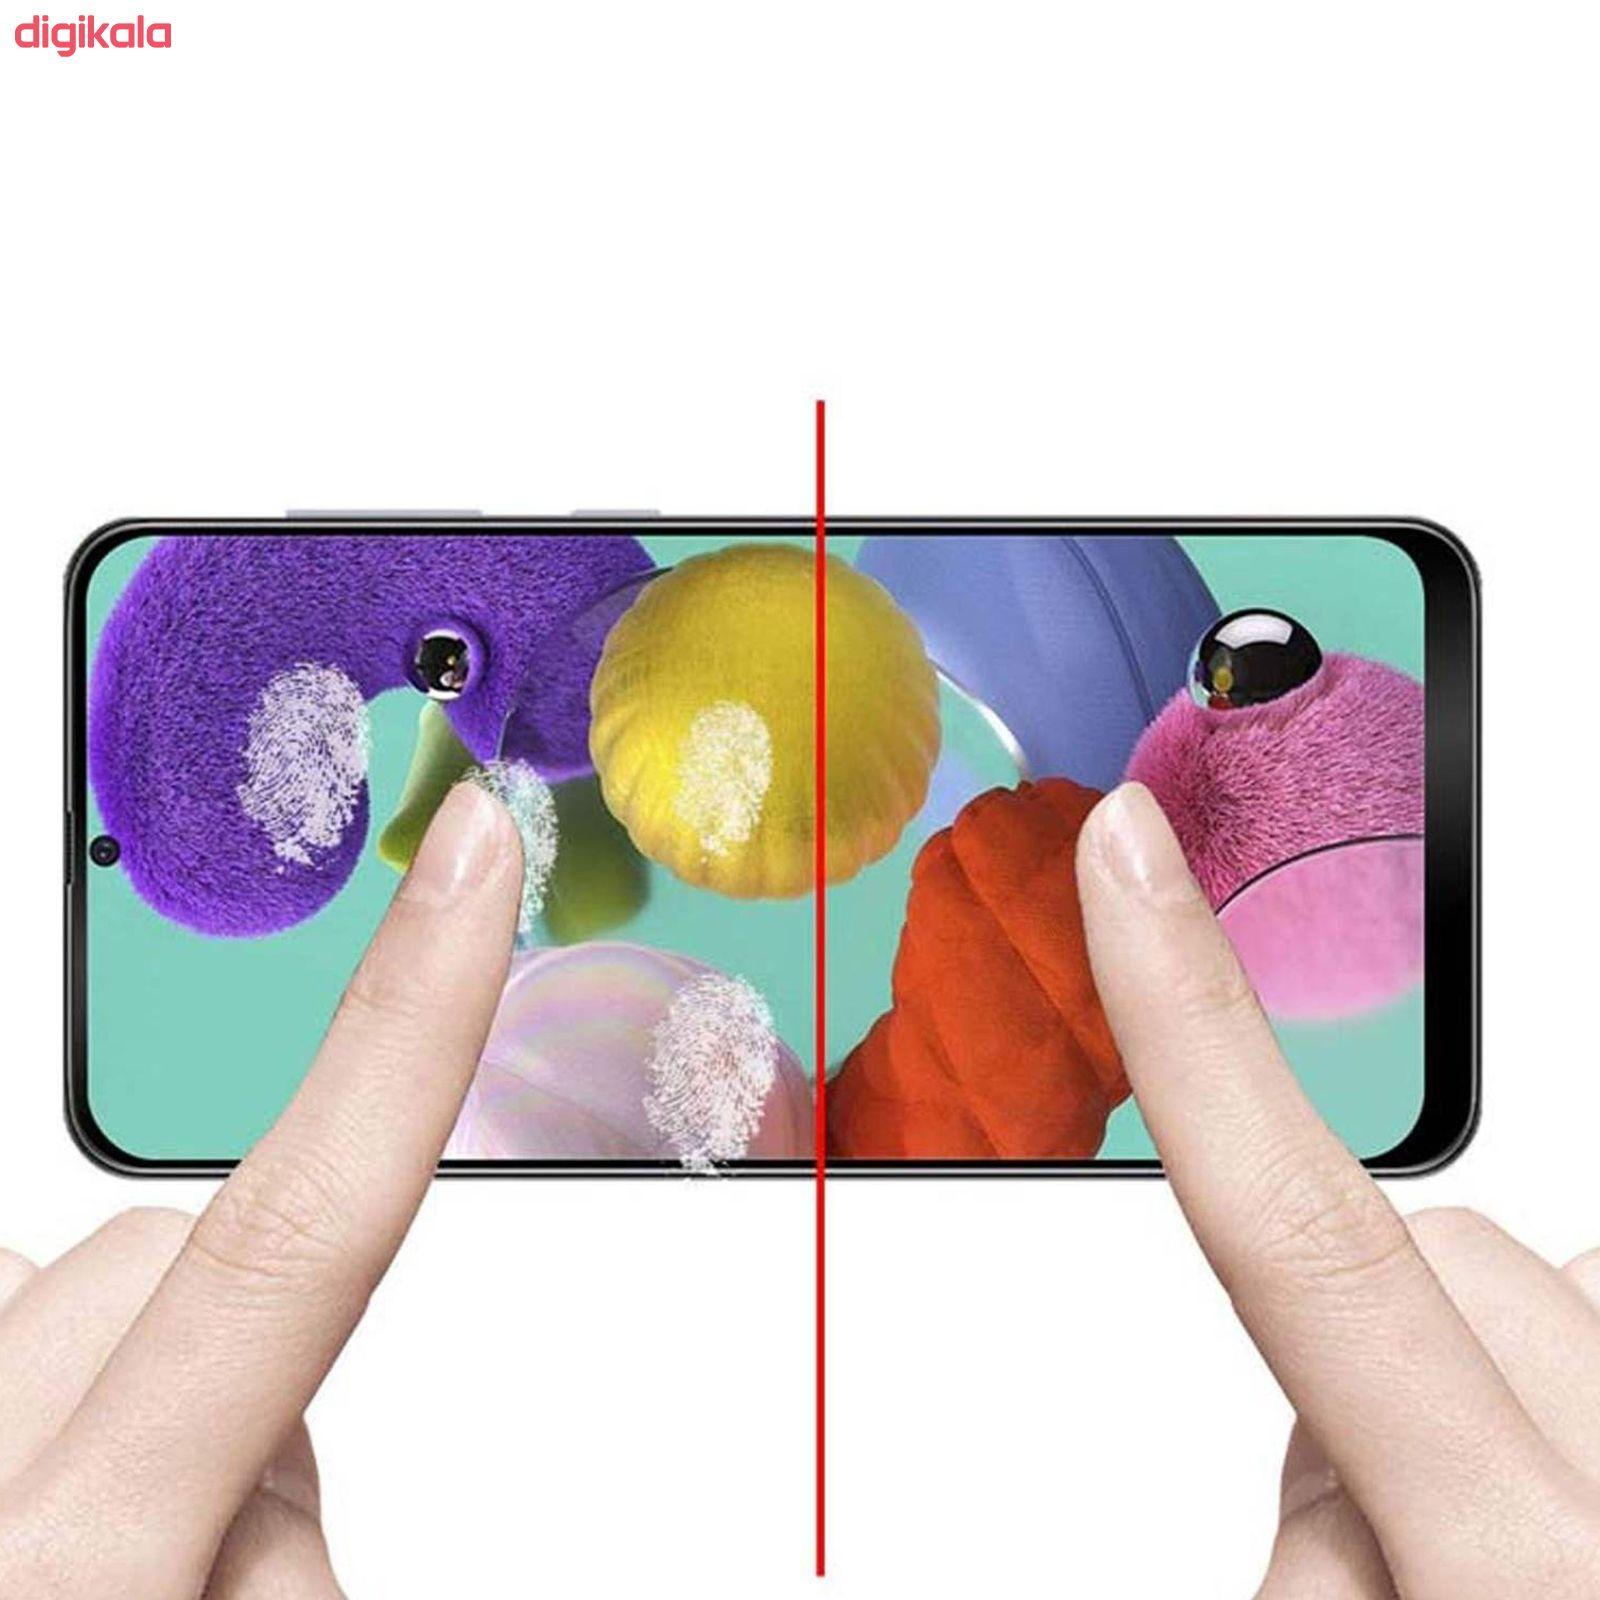 محافظ صفحه نمایش مدل GL-111 مناسب برای گوشی موبایل هوآوی Y9 2019/آنر 8x  main 1 1